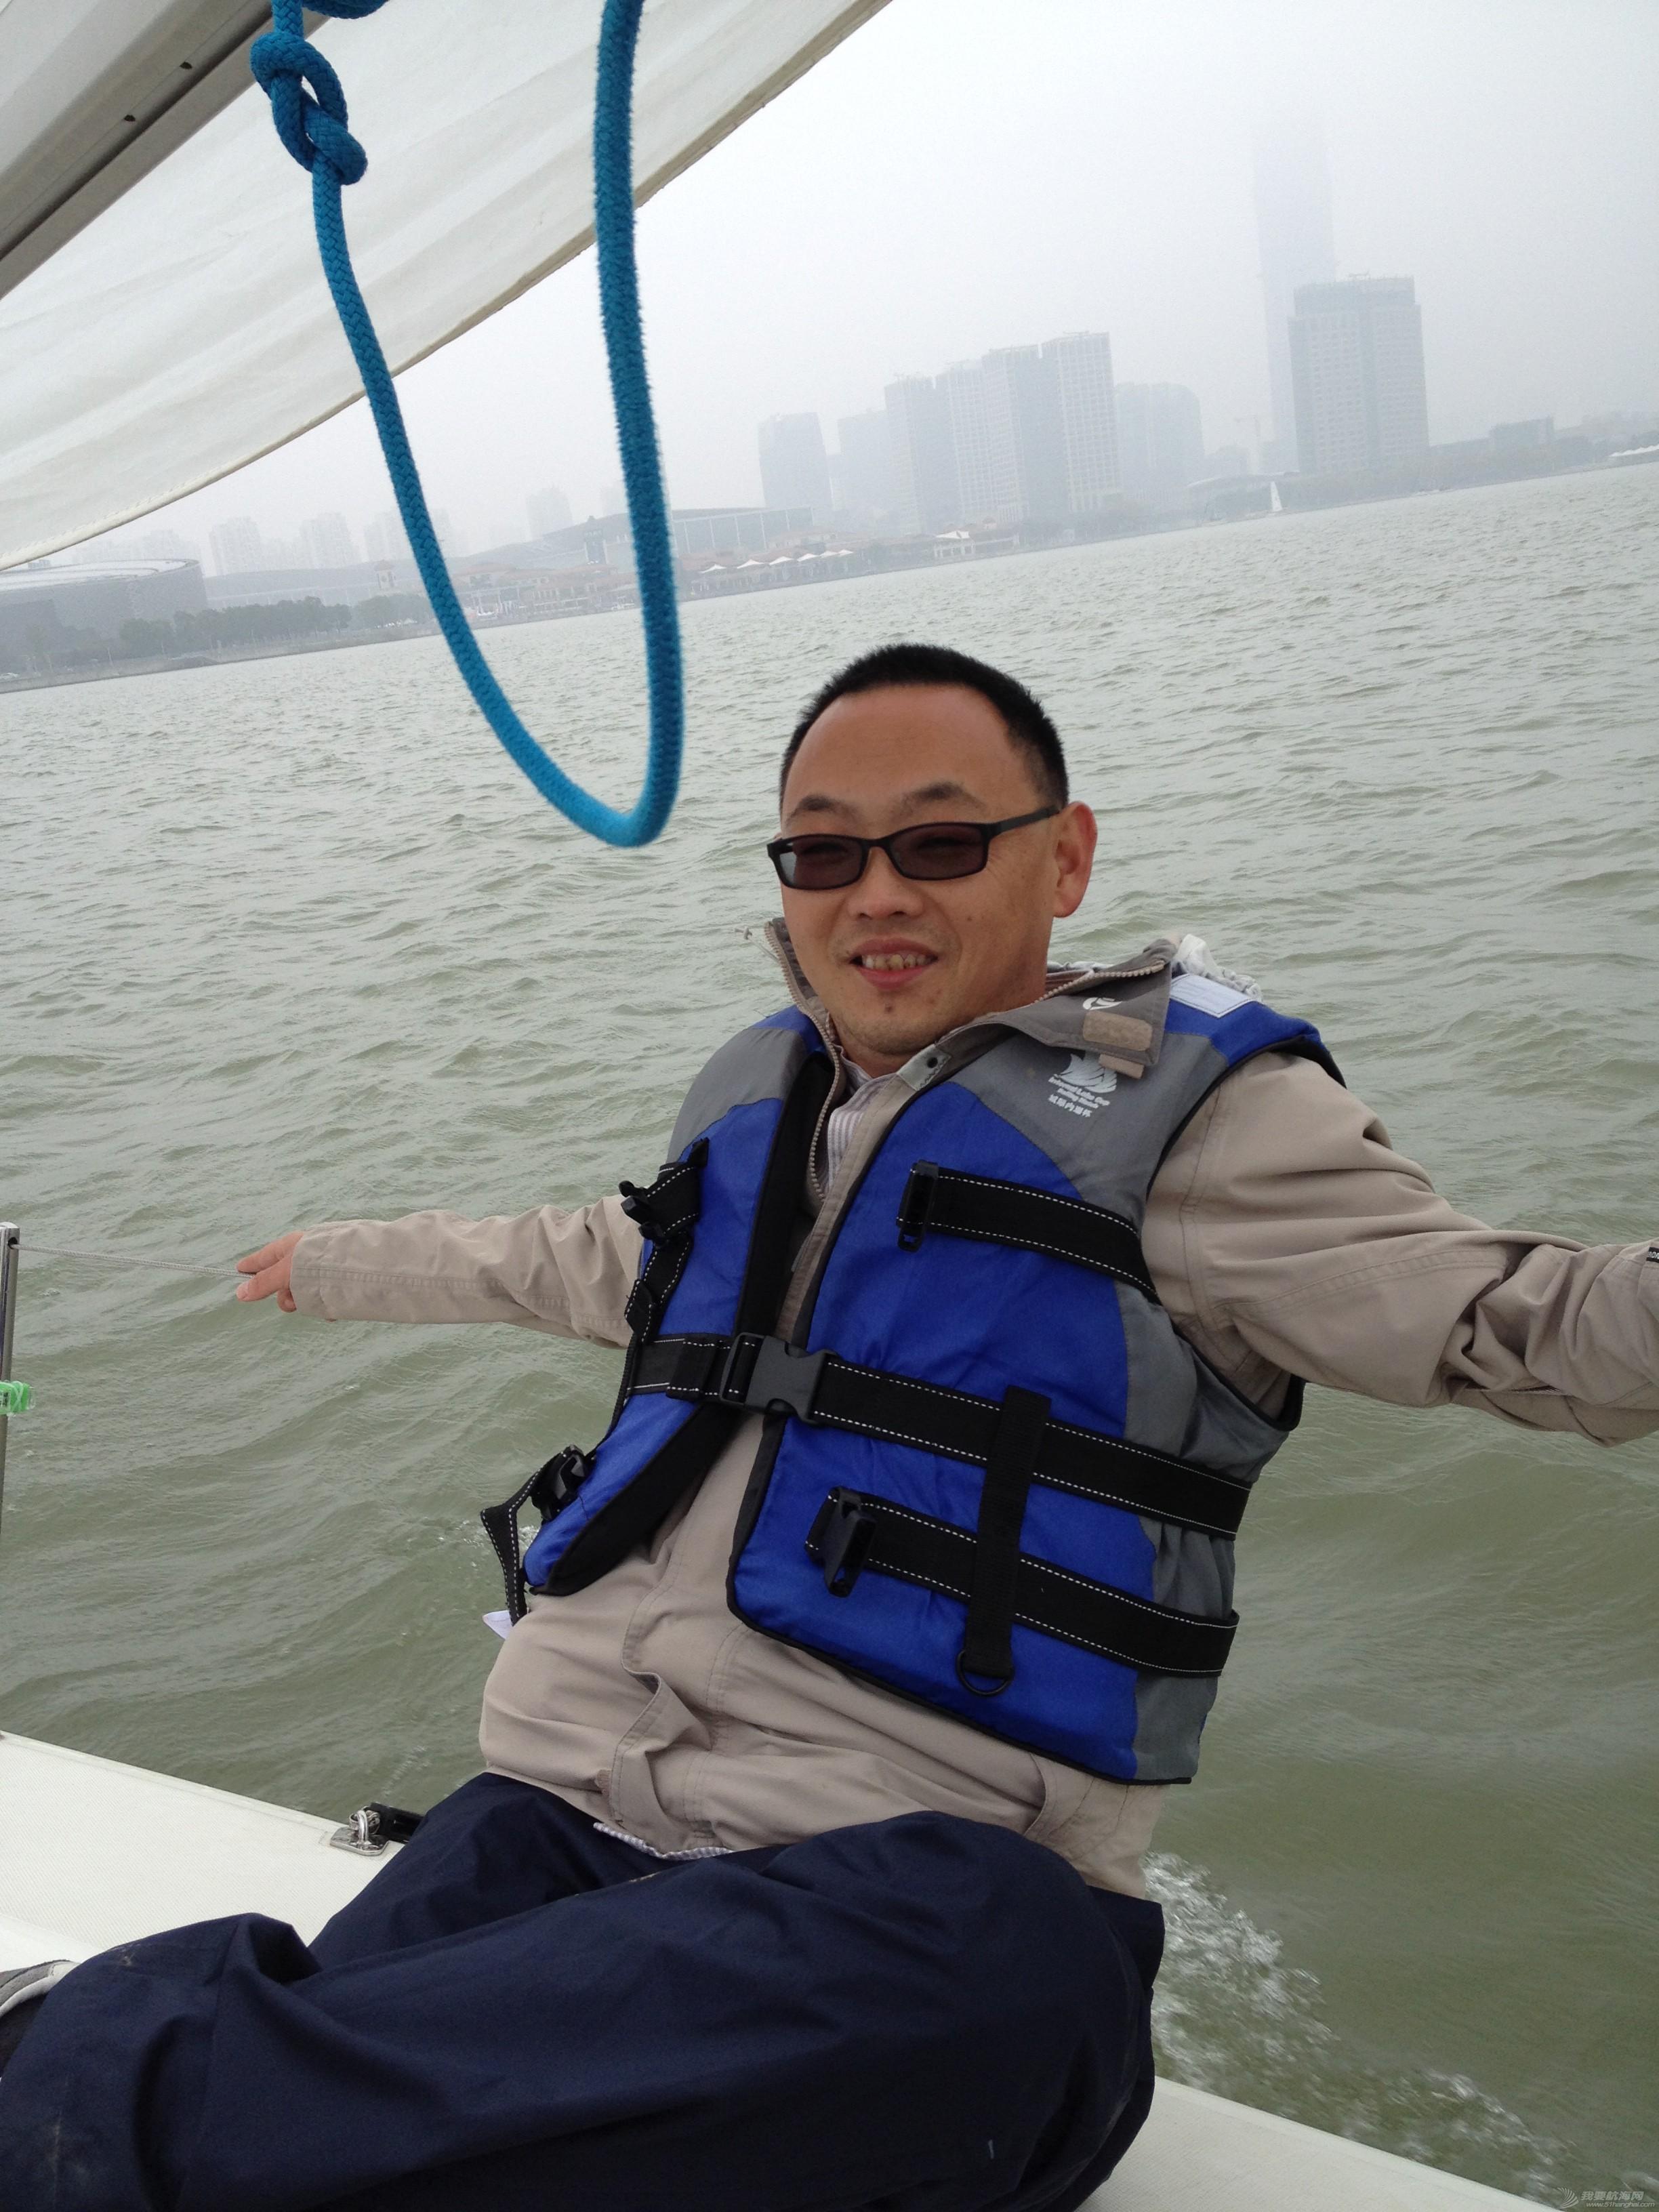 金鸡,苏州 苏州金鸡湖帆船赛-我的处女赛 IMG_2919.JPG